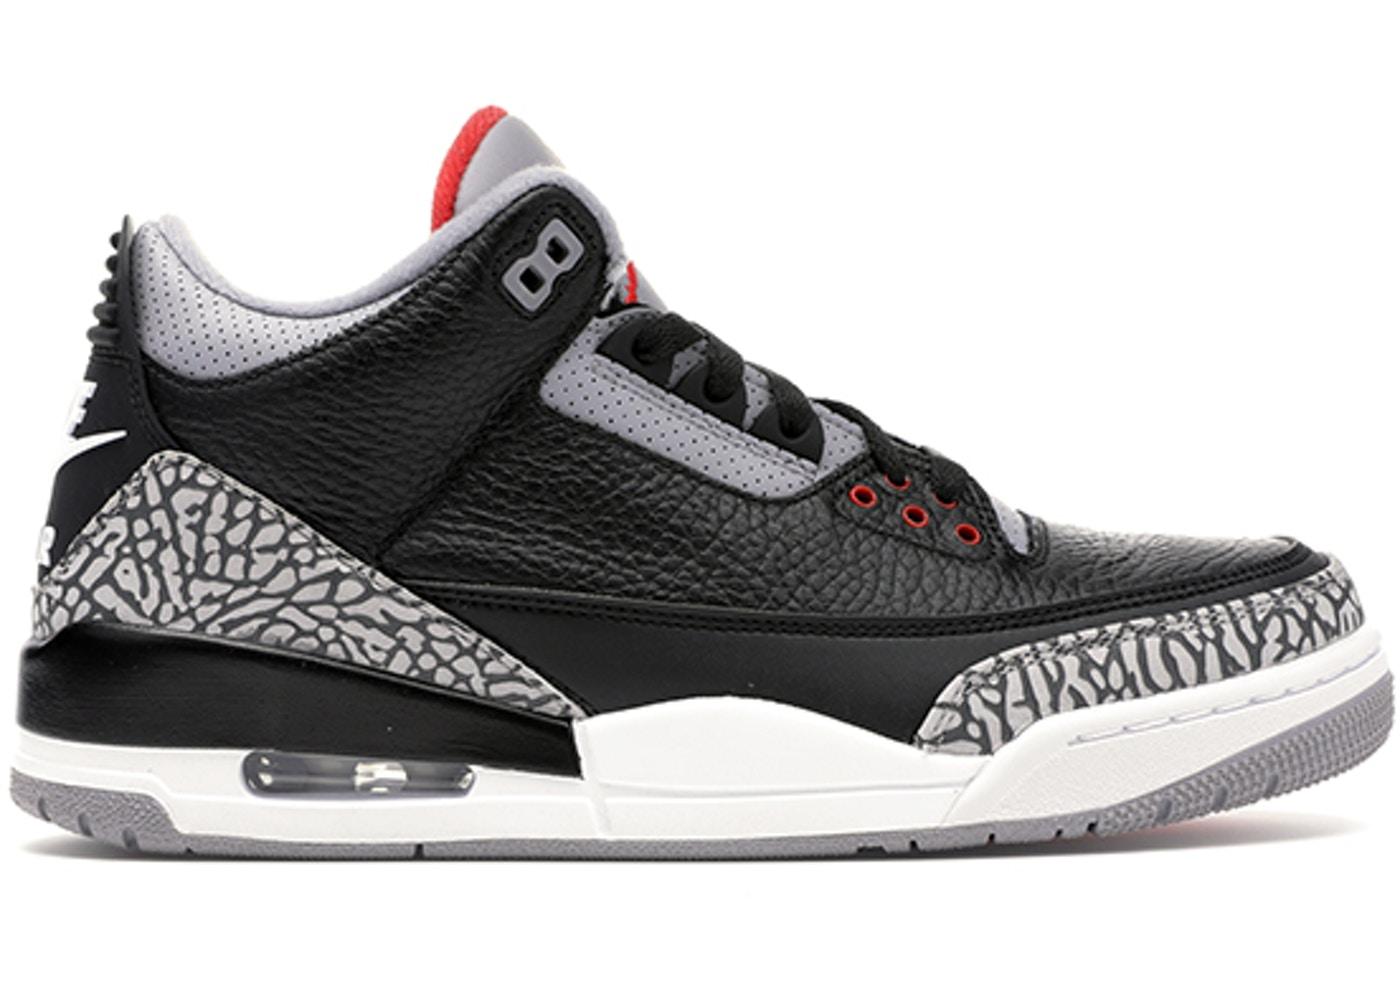 Jordan 3 Retro Black Cement (2018) - 854262-001